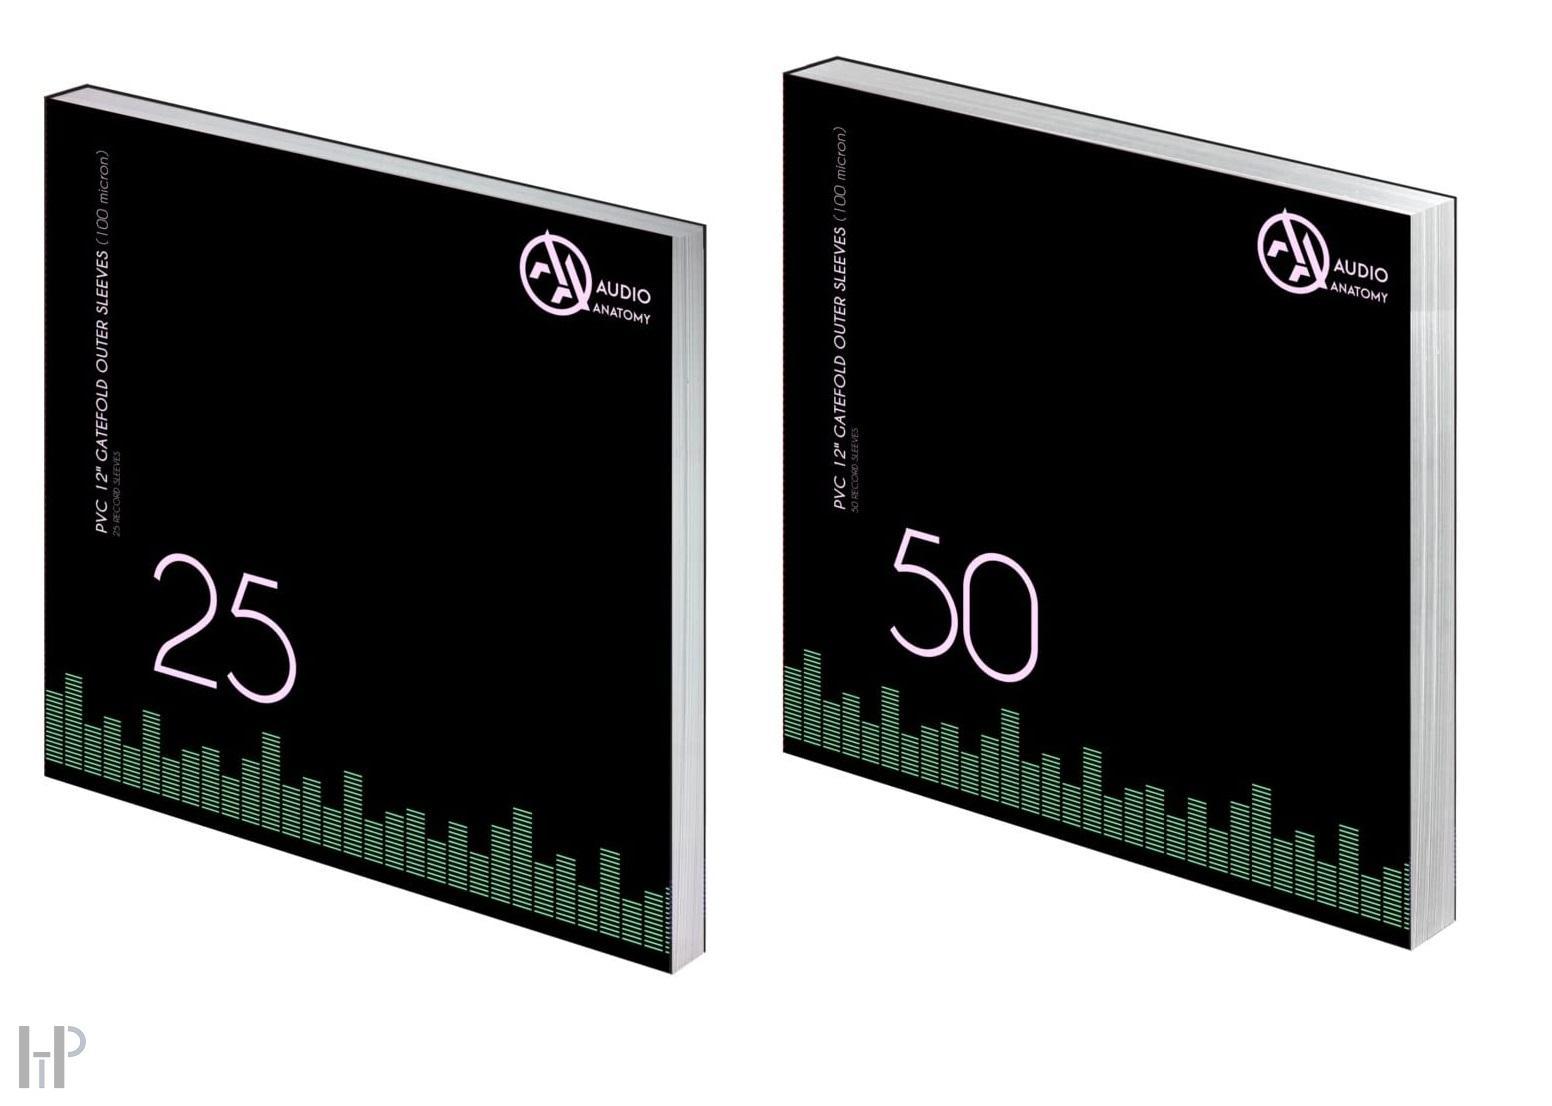 Audio Anatomy VINYL GATEFOLD OUTER PVC SLEEVES - 50 pcs Množství: 25 kusů